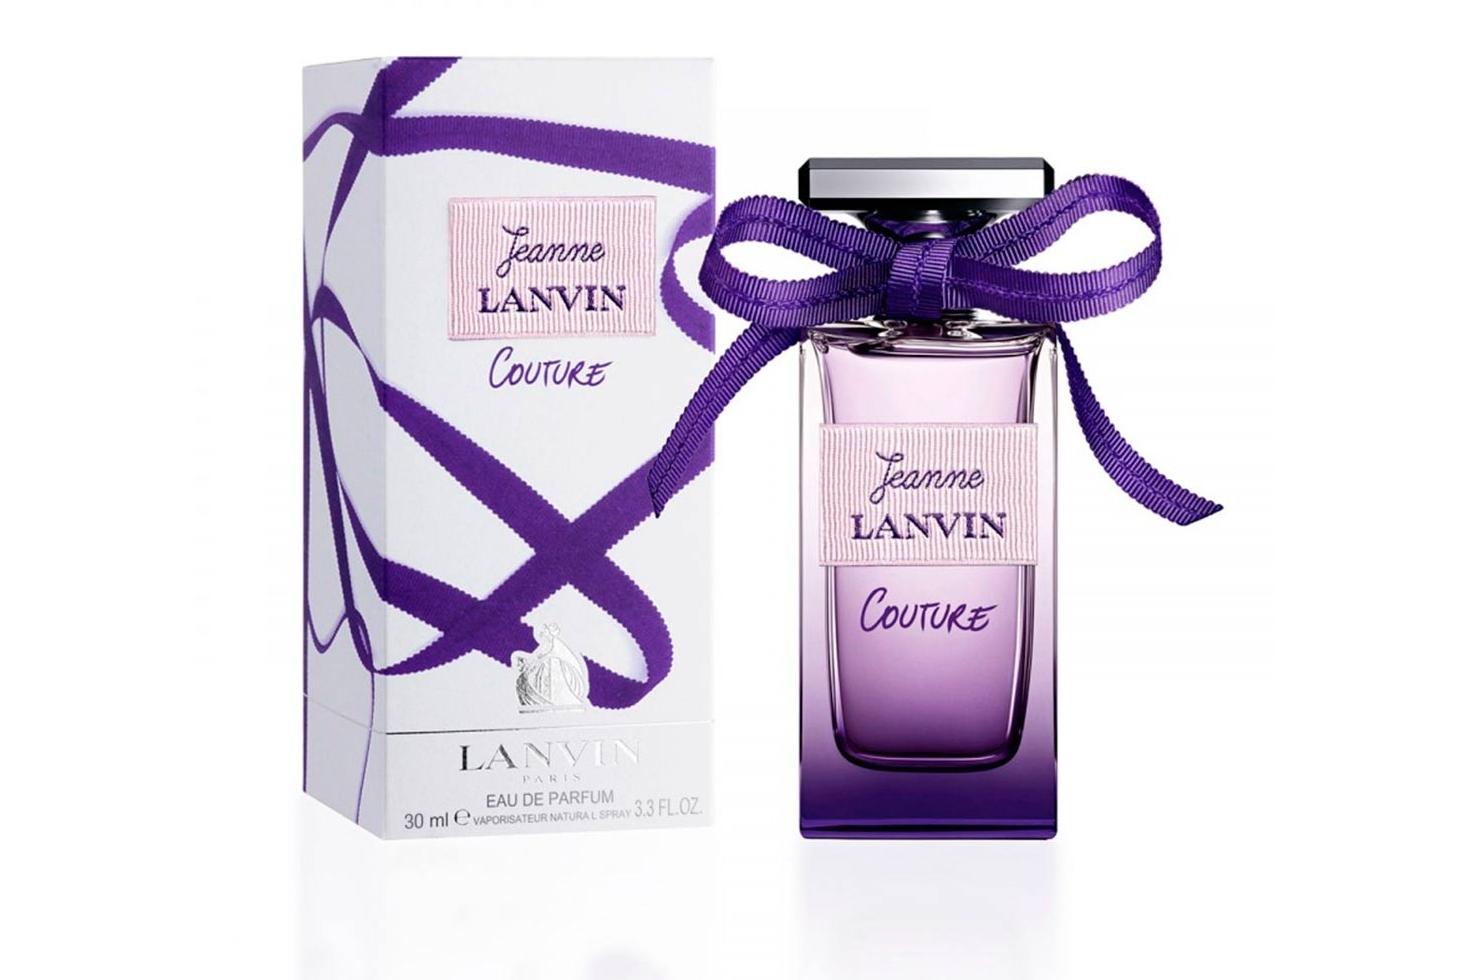 Lanvin Jeanne Couture - насыщеный, пьянящий, Парфюм является одновременно изысканным и простым, бесконечно юным и вневременным – символизирующим современную женщину, идеально подойдет для веселых молоденьких девушек.